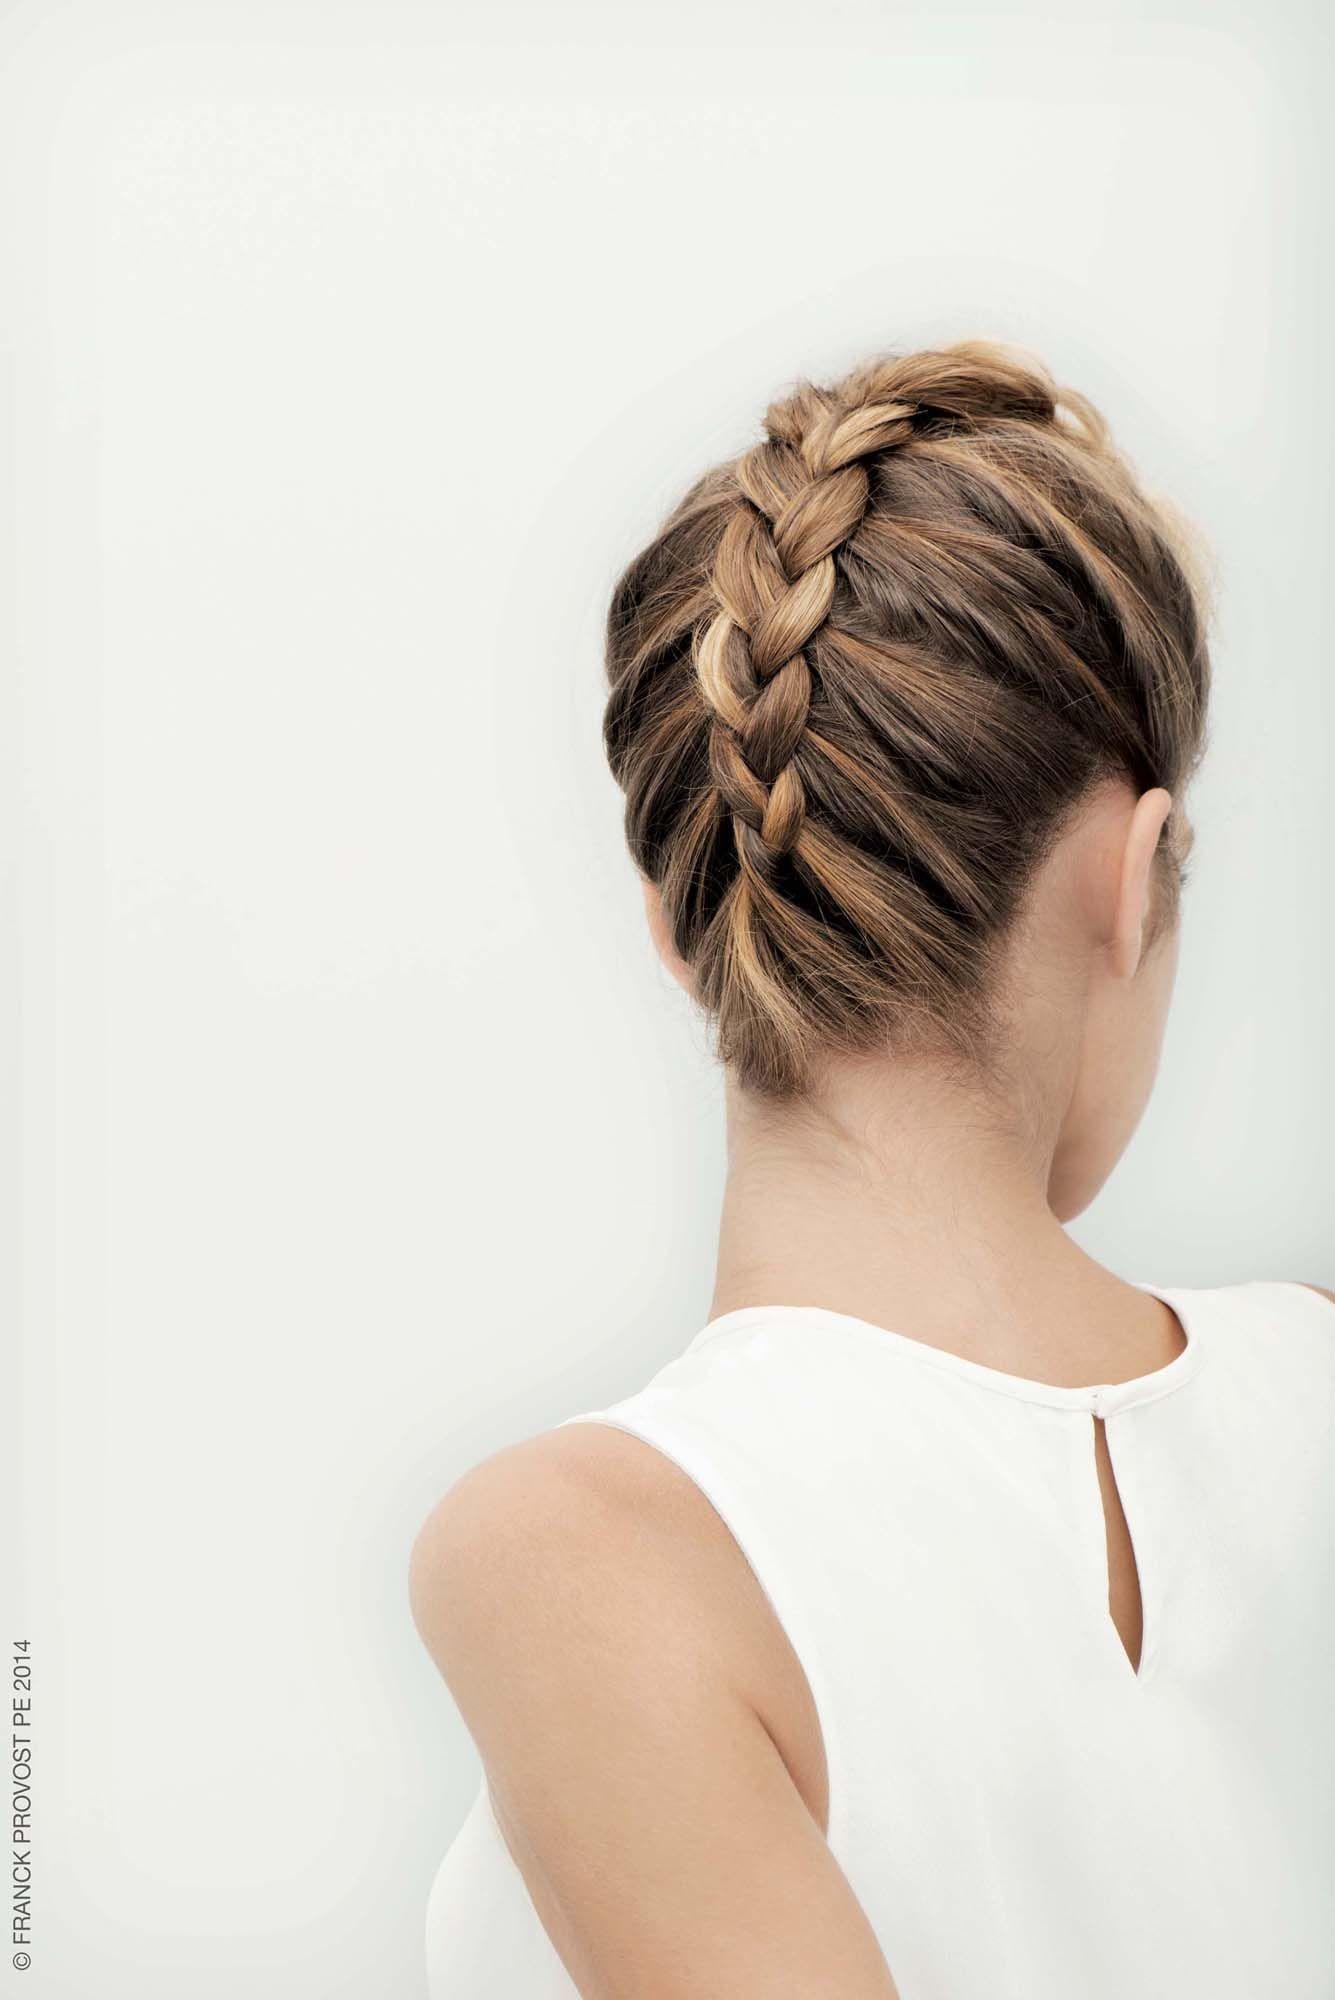 Dutch braid | HAIR UP | Pinterest | Dutch braids, Face hair and Hair ...